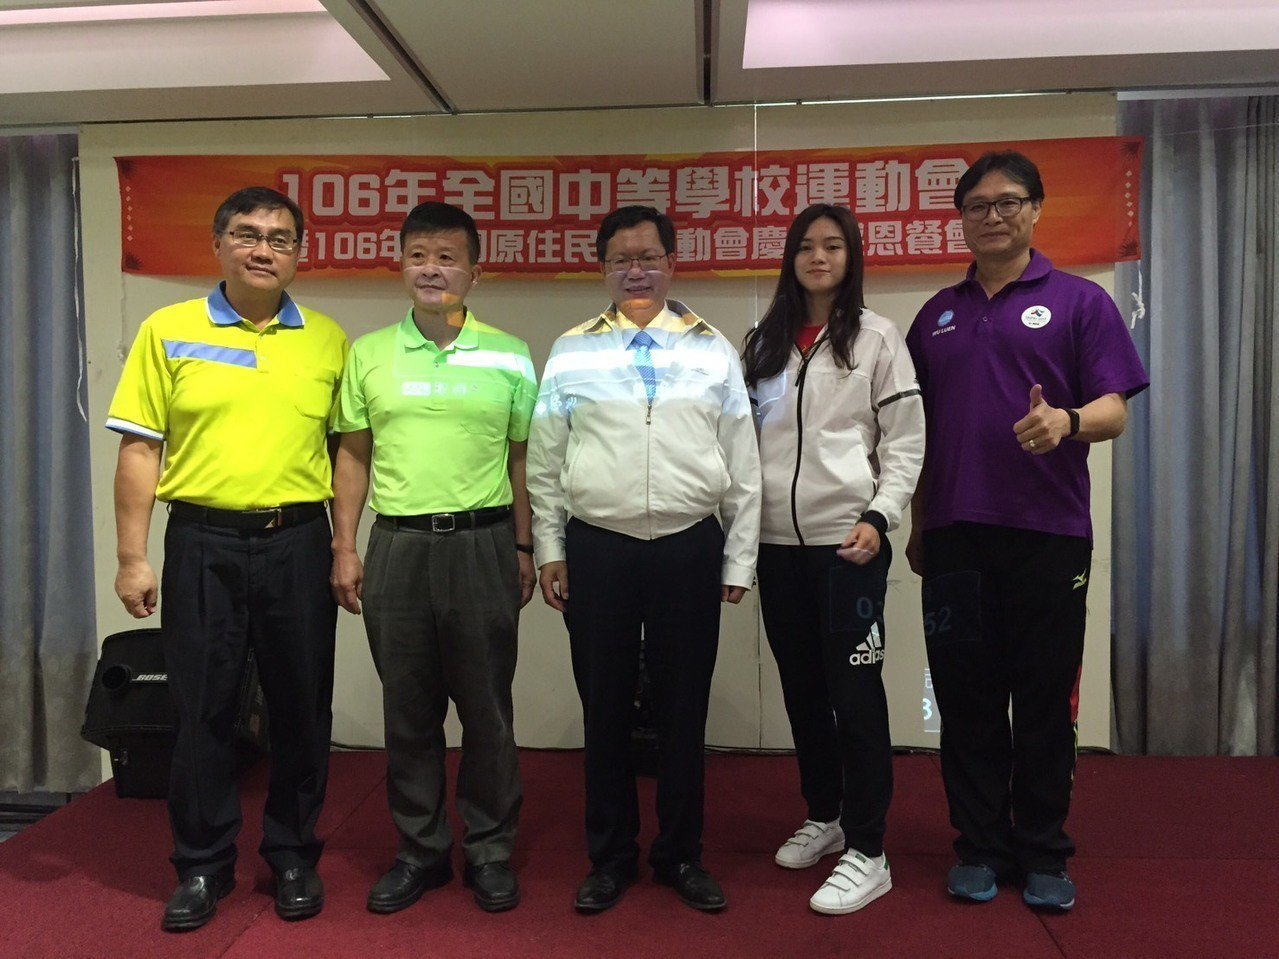 蘇柏亞(右2)曾接受桃園市長鄭文燦表揚。圖╱蘇俊維提供